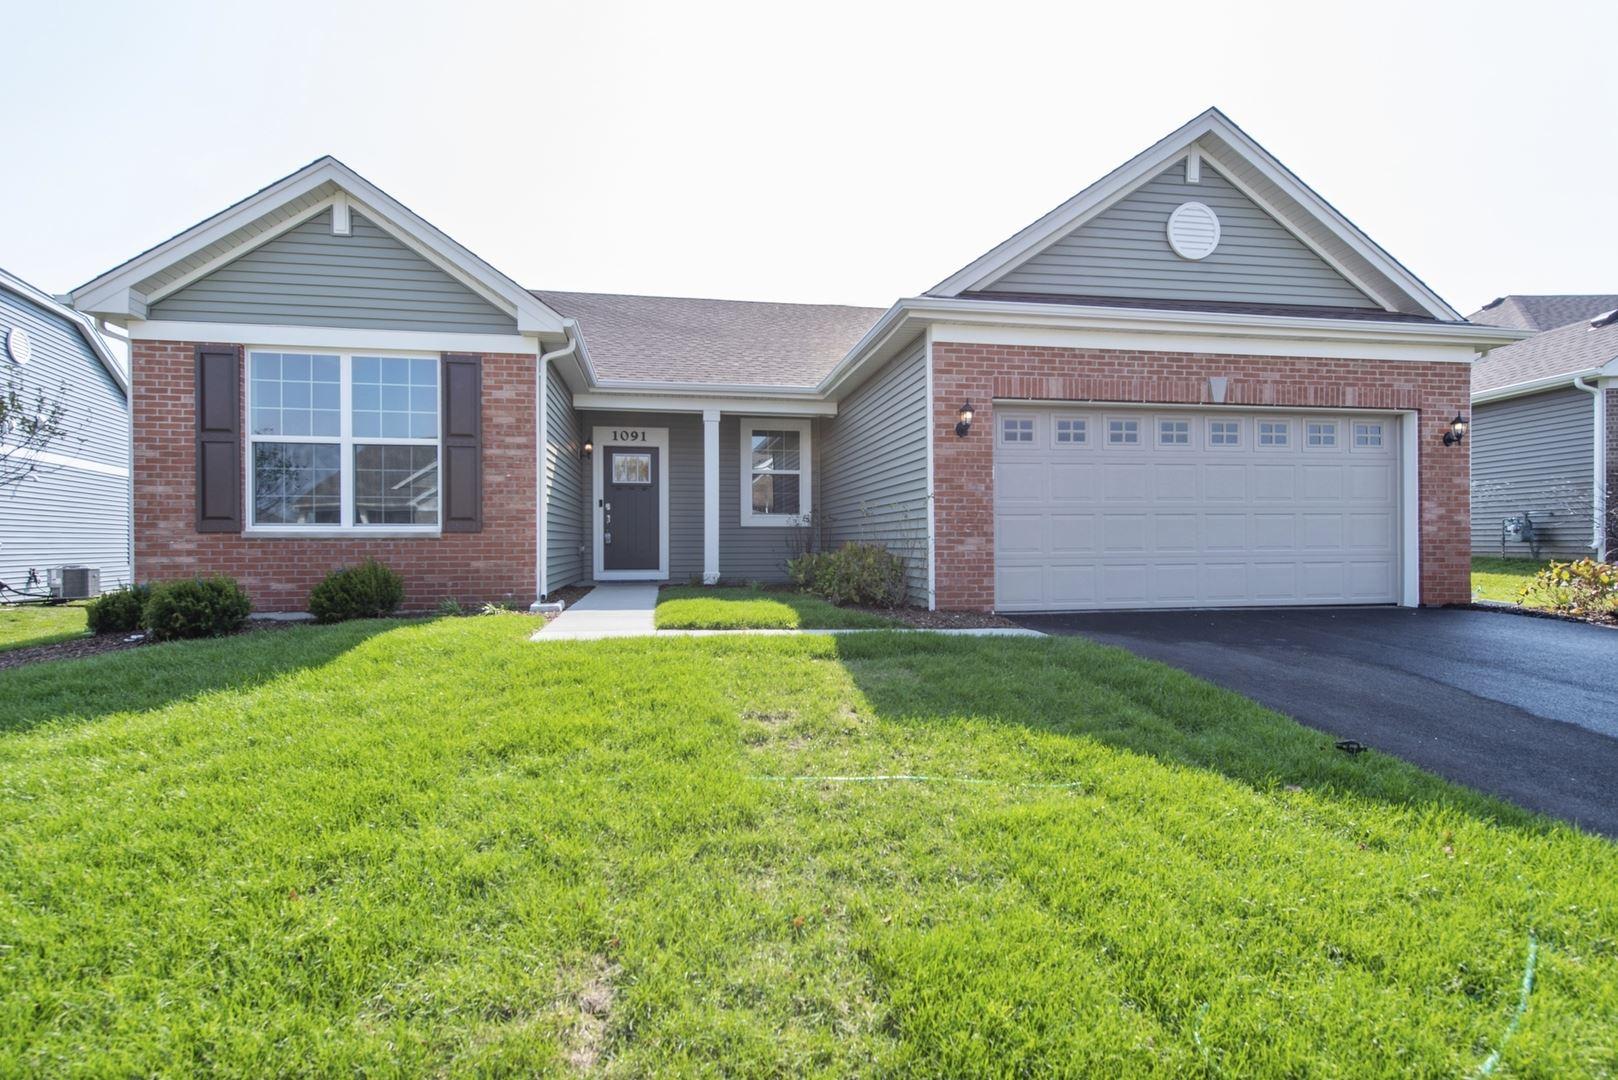 1091 Oak Bluff Road, Crystal Lake, IL 60012 - #: 10700627